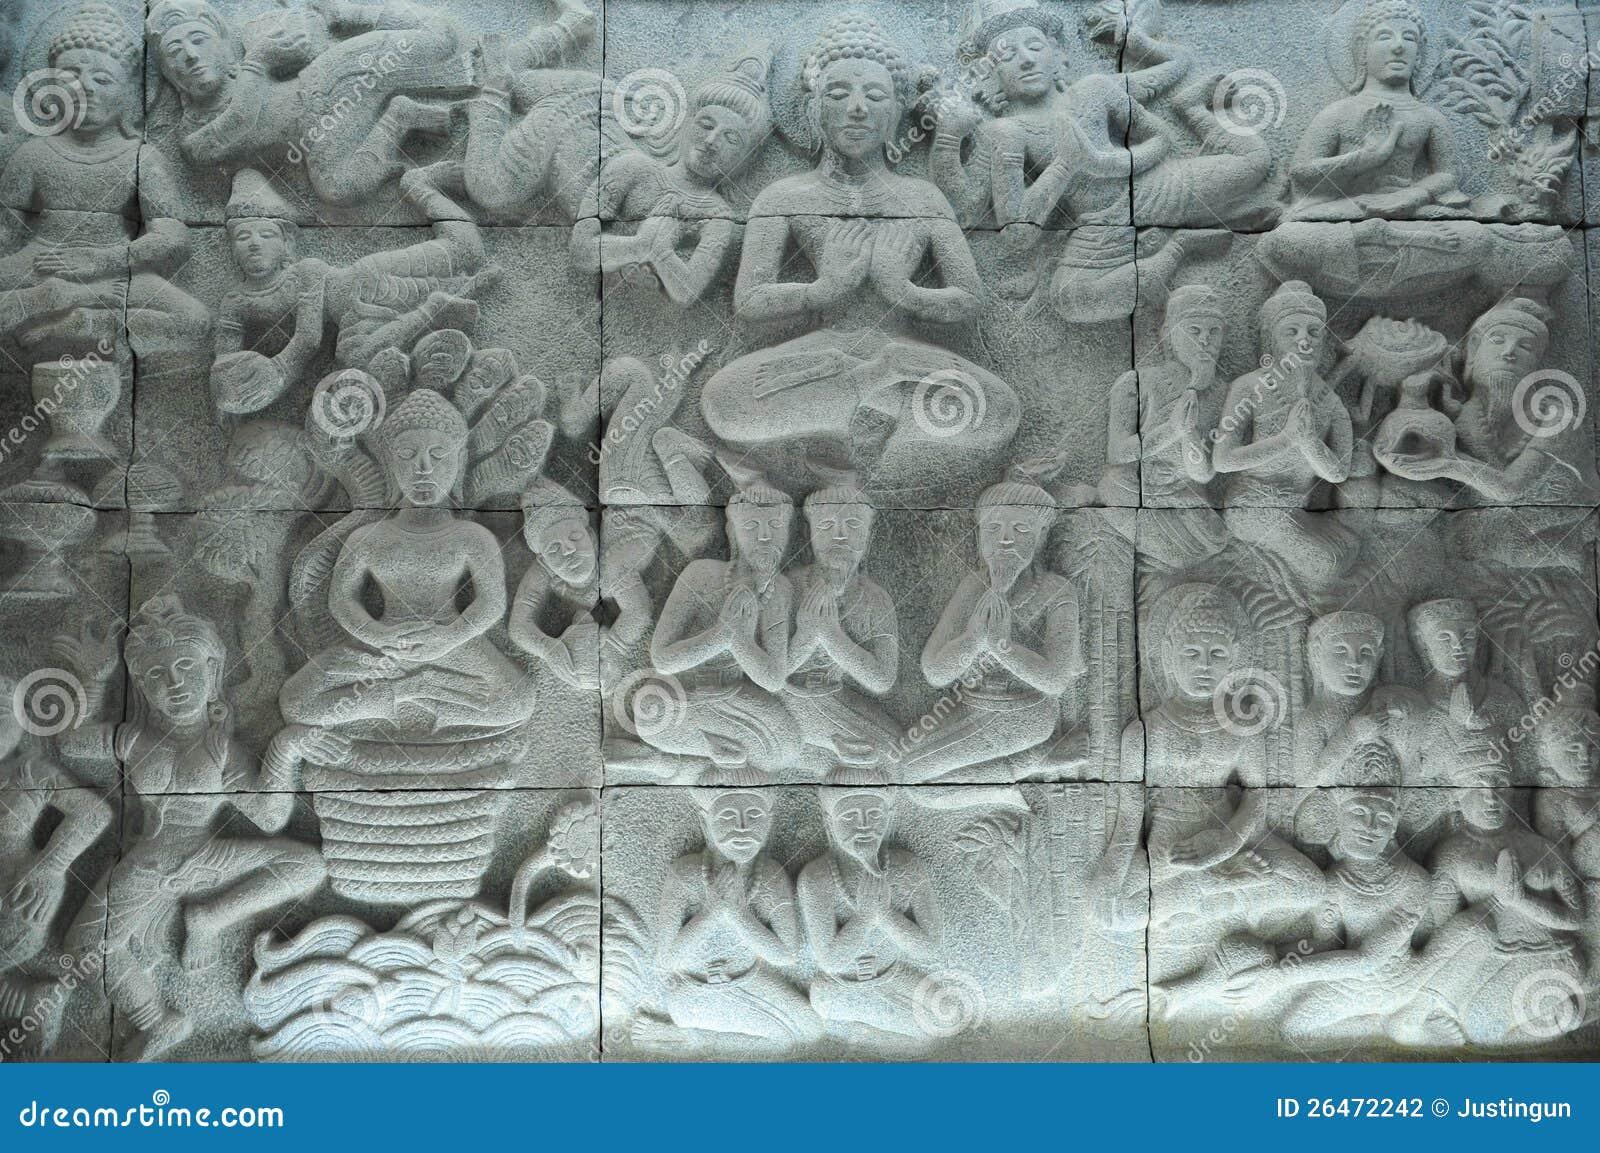 Buddha story sculpture